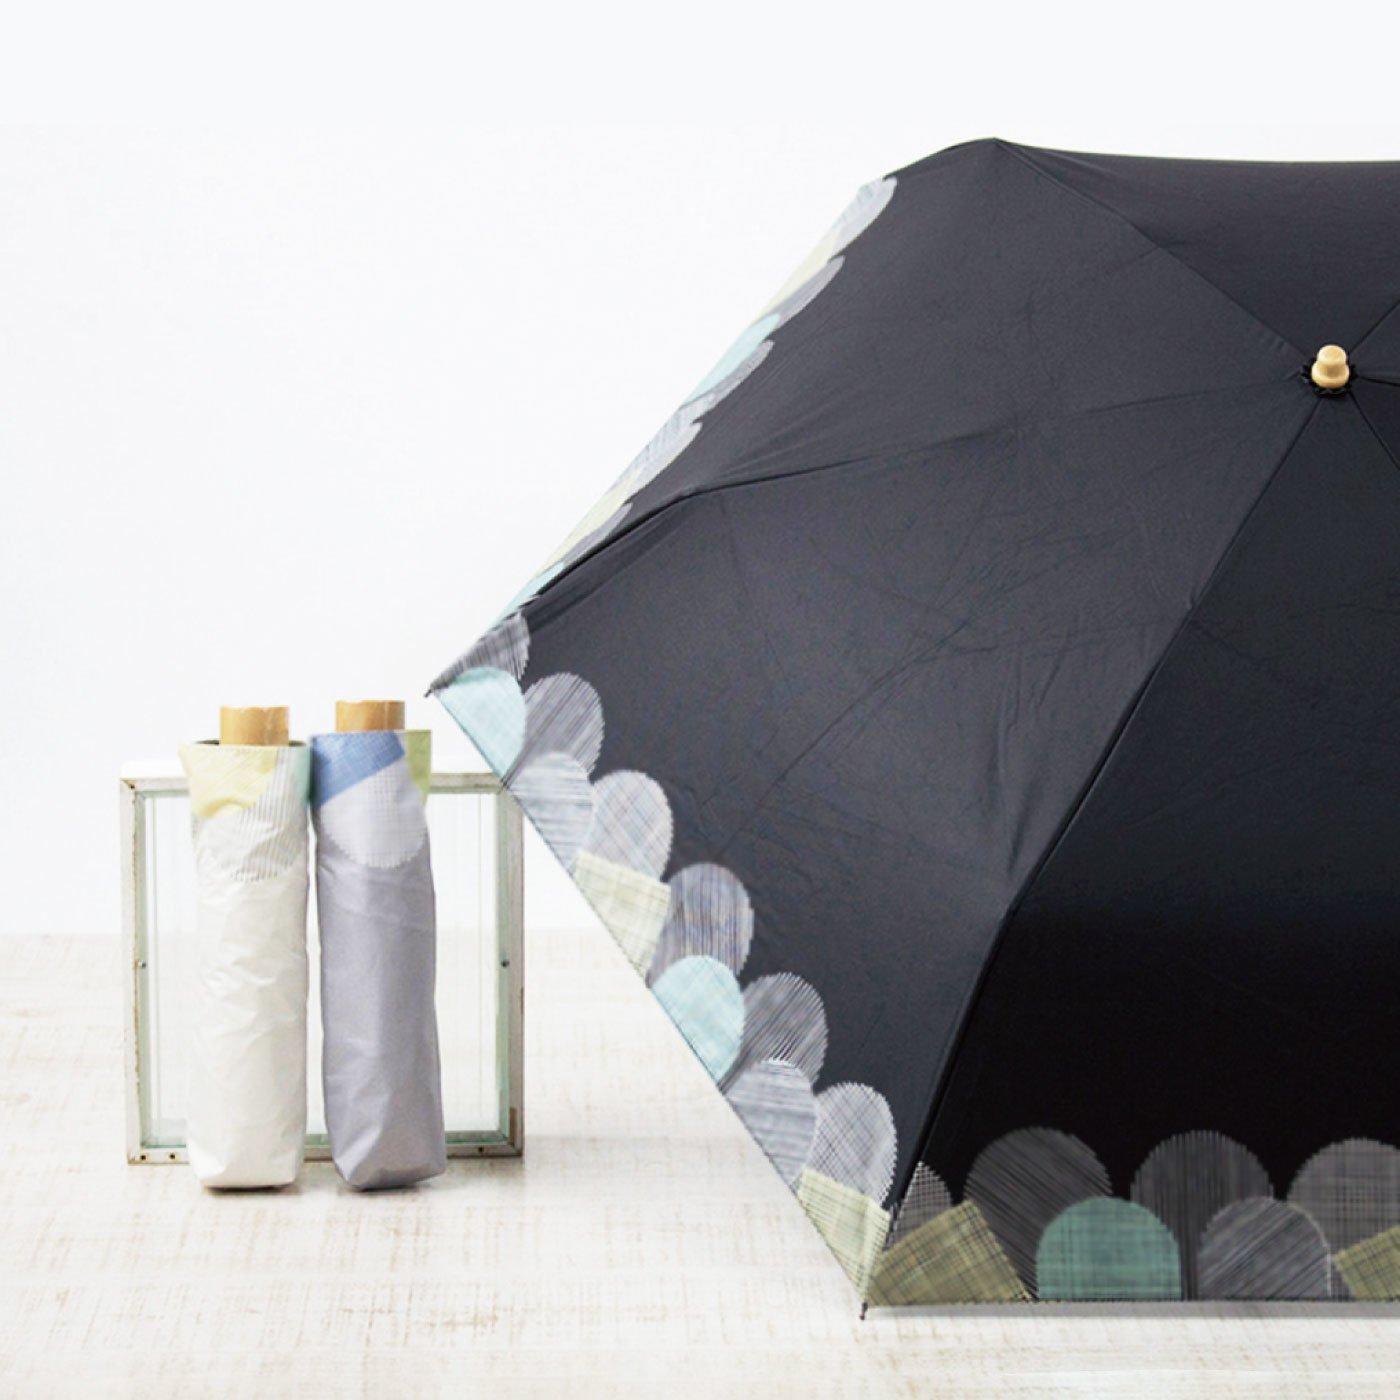 繊細な線模様がおしゃれな折りたたみ日傘